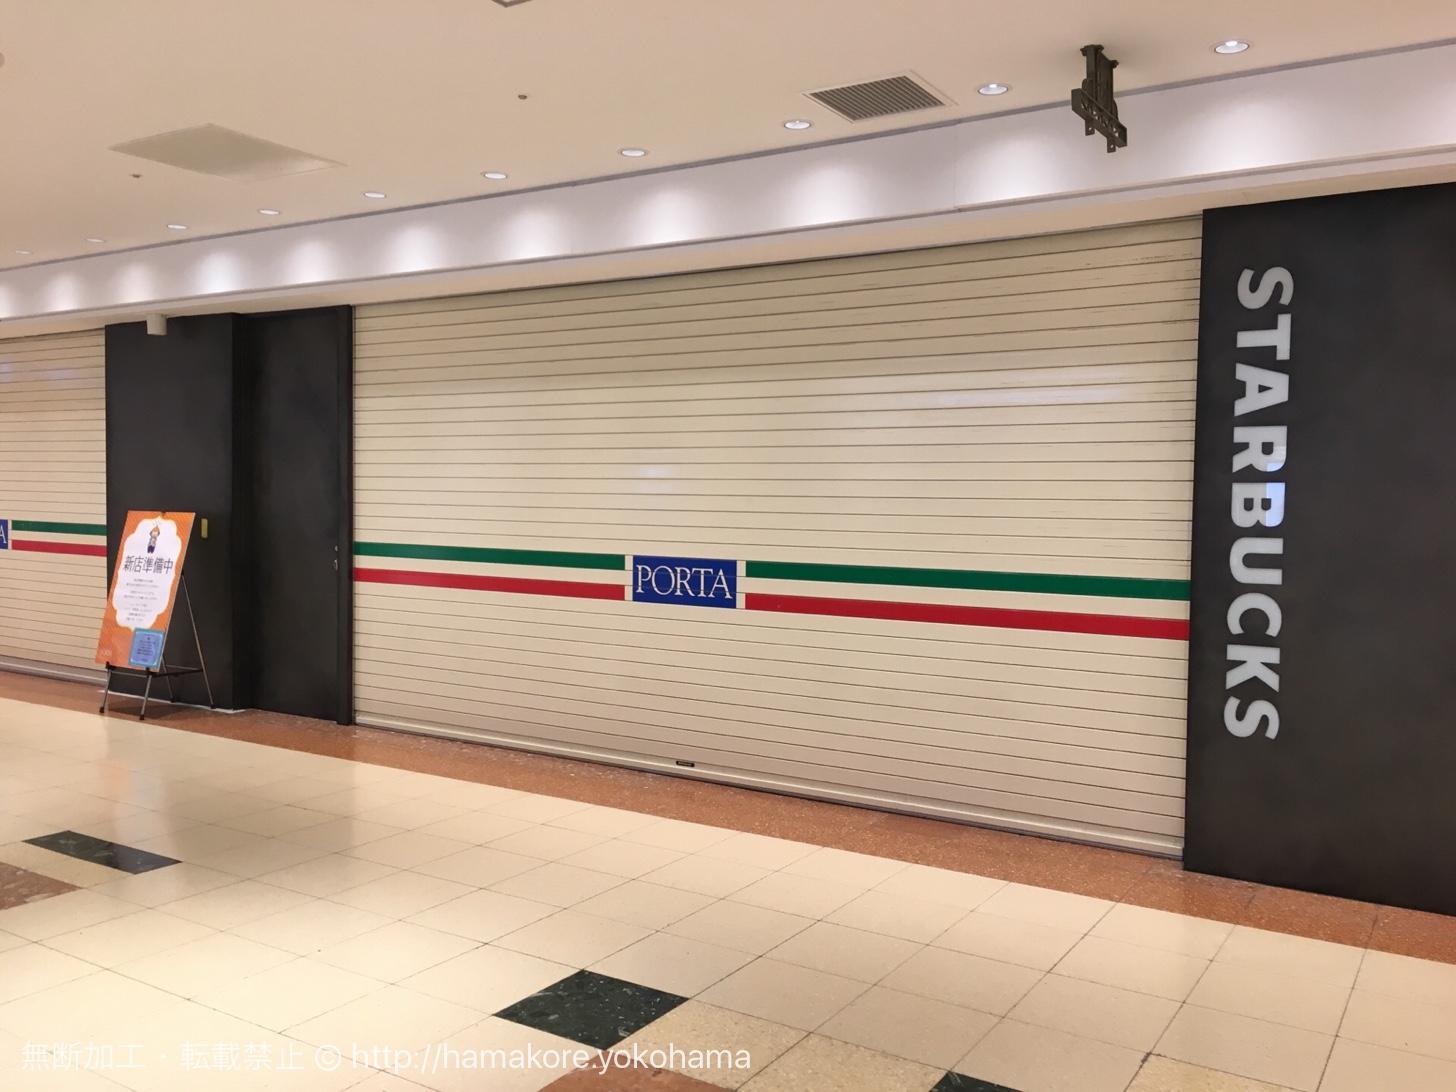 横浜駅 横浜ポルタのスタバが近日オープン!スターバックスの文字が入り口にできた